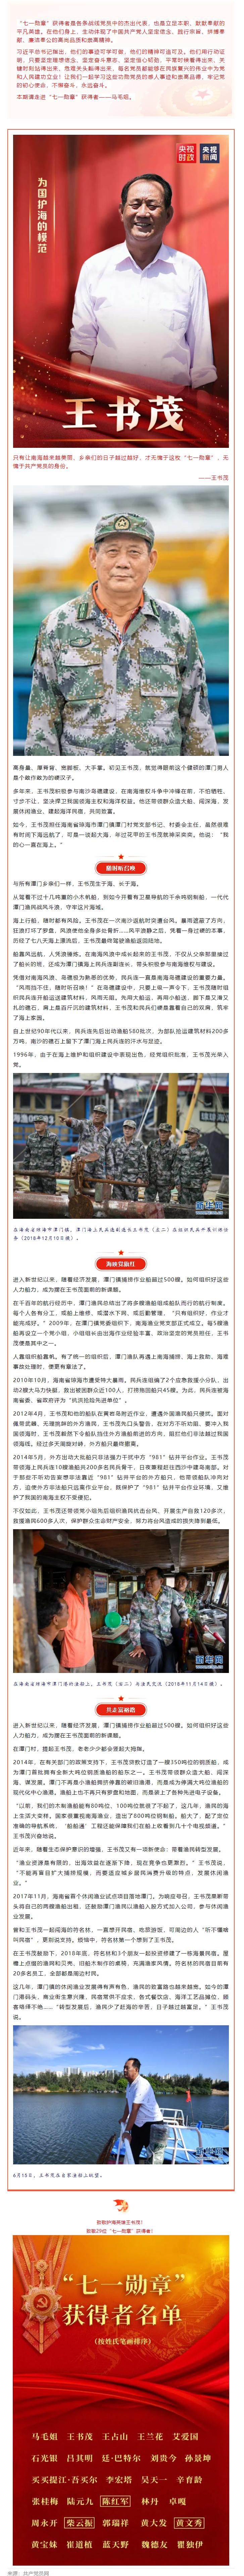 """FireShot Capture 230 - """"七一勋章""""获得者-王书茂:永远红心向党 - mp.weixin.qq.com.png"""